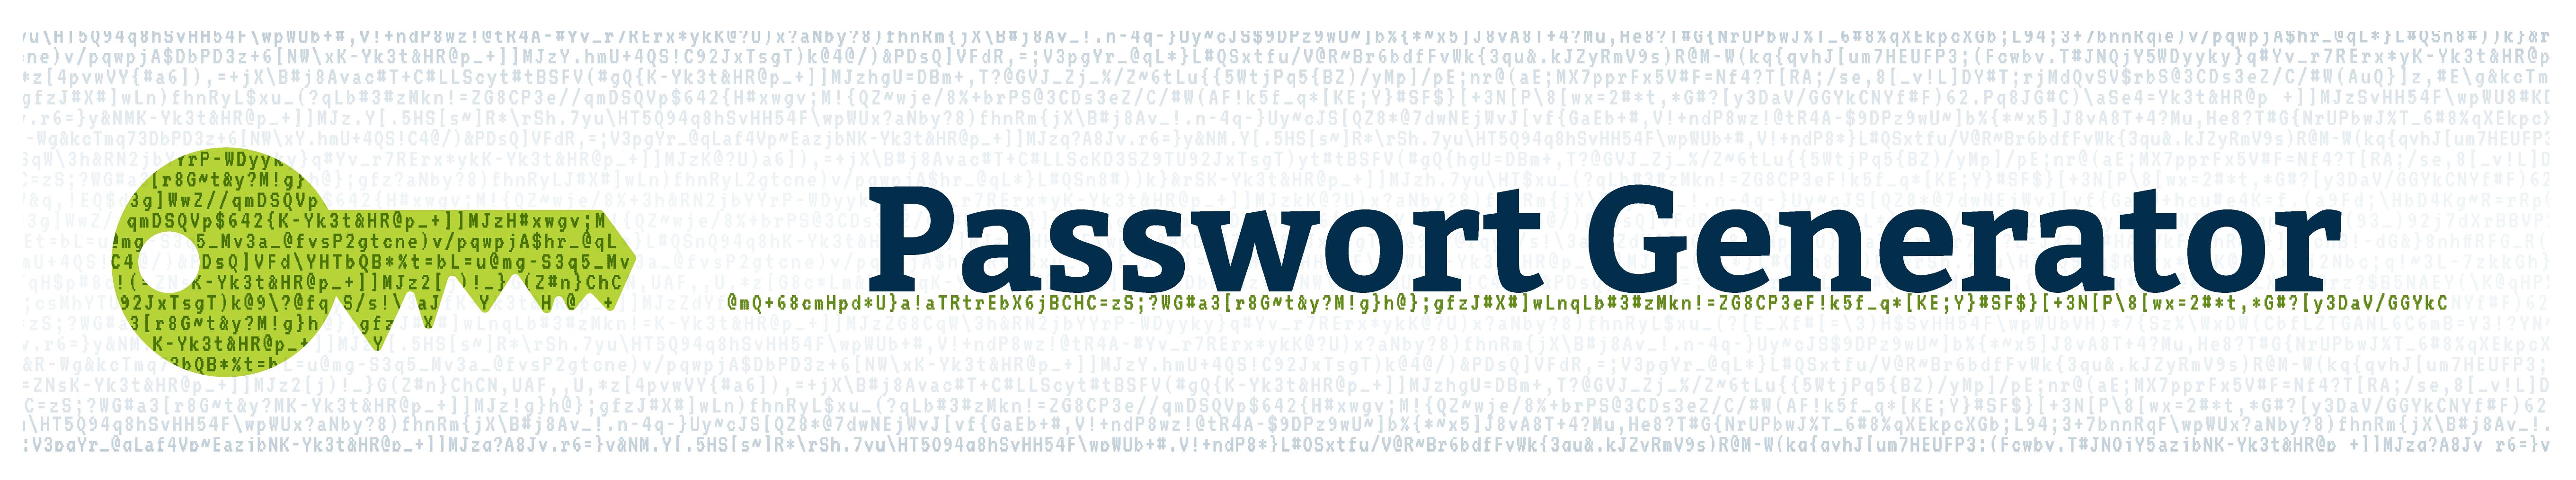 passwort-generator.com